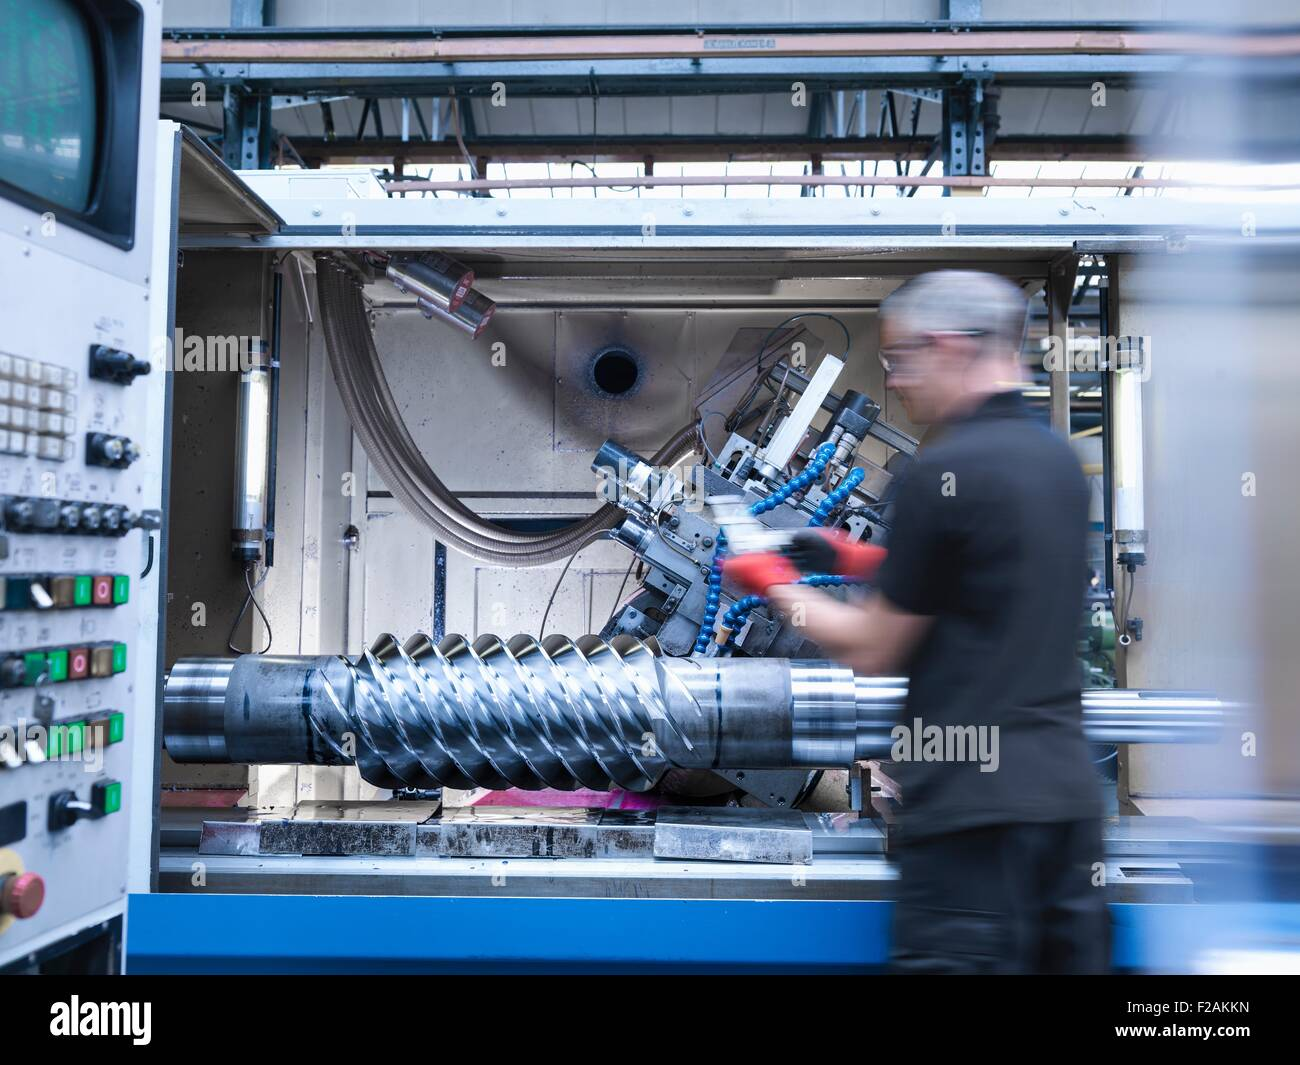 Engineer inspecting pignon d'entraînement à vis sans fin en tour dans l'usine d'ingénierie Banque D'Images